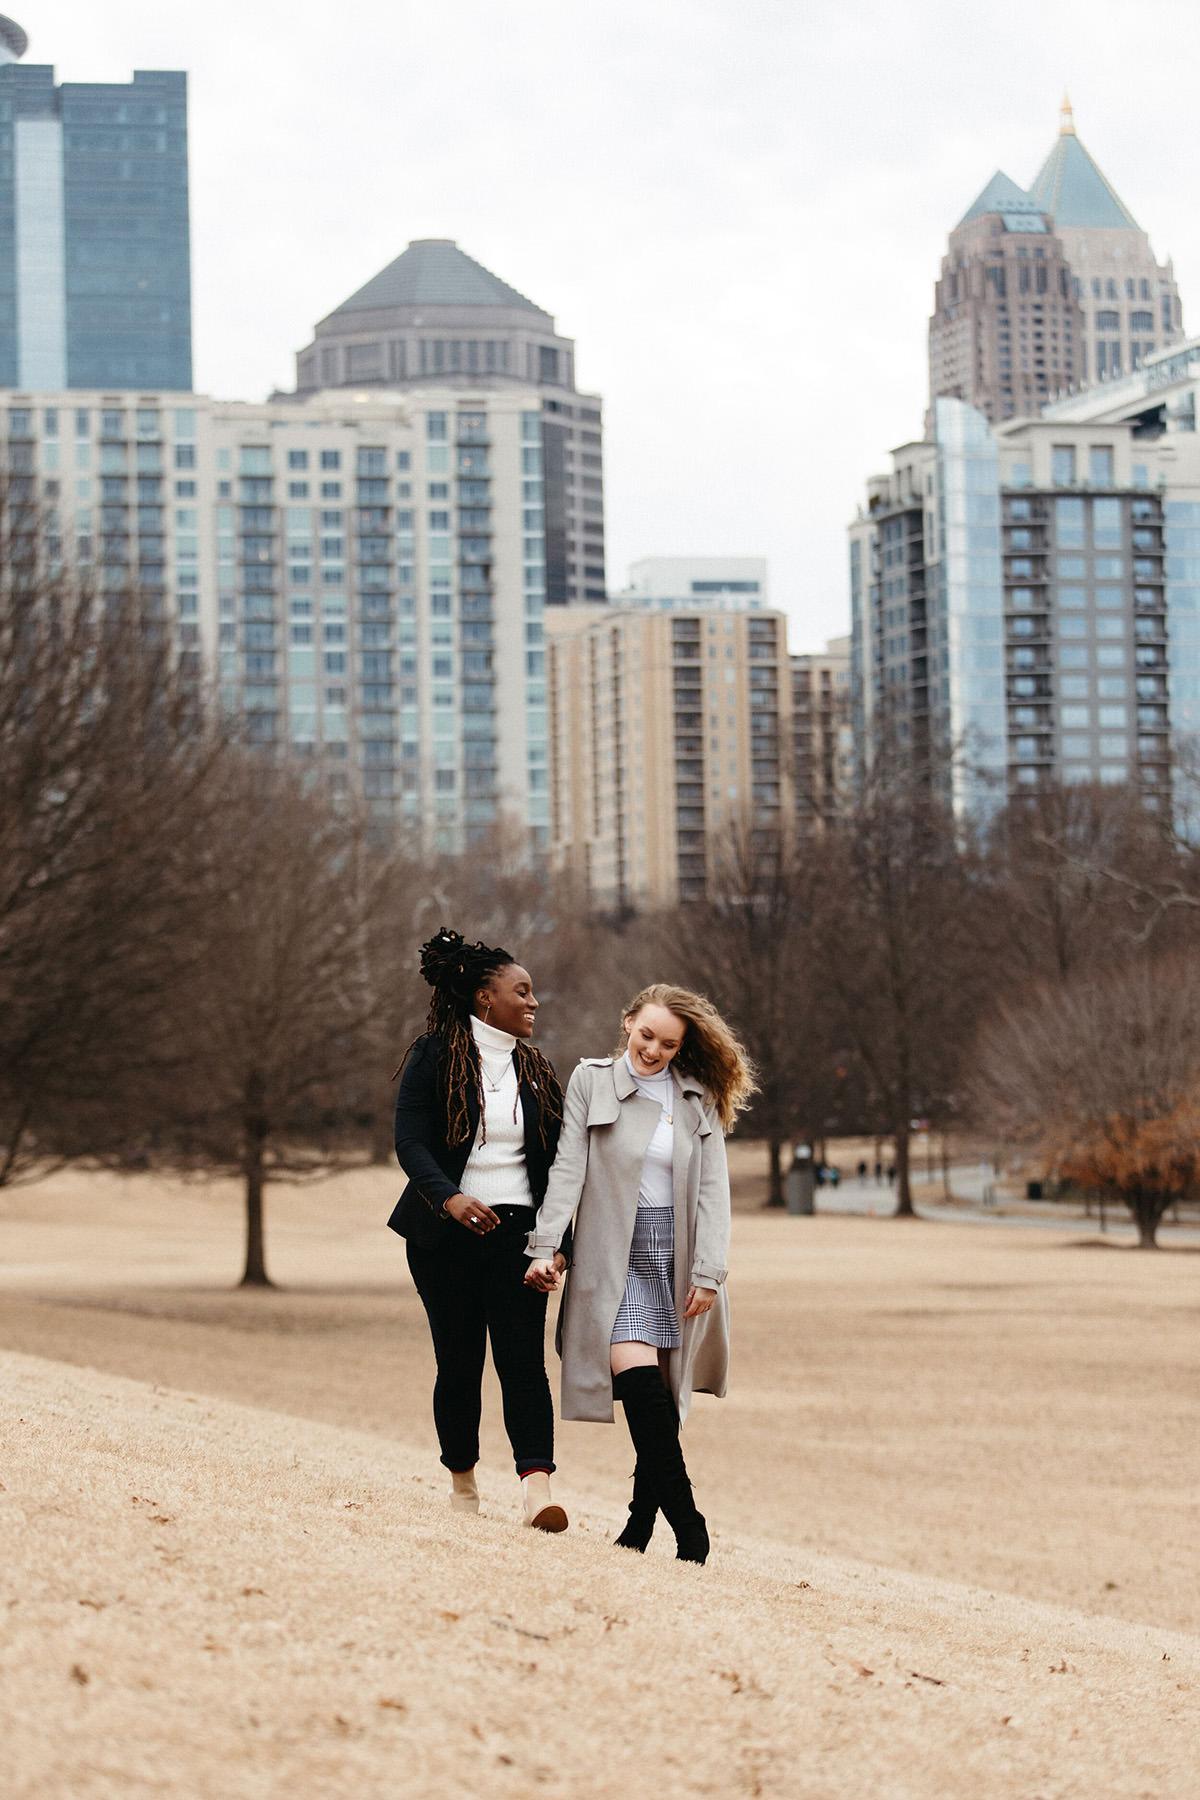 a couple walks through a park in downtown Atlanta